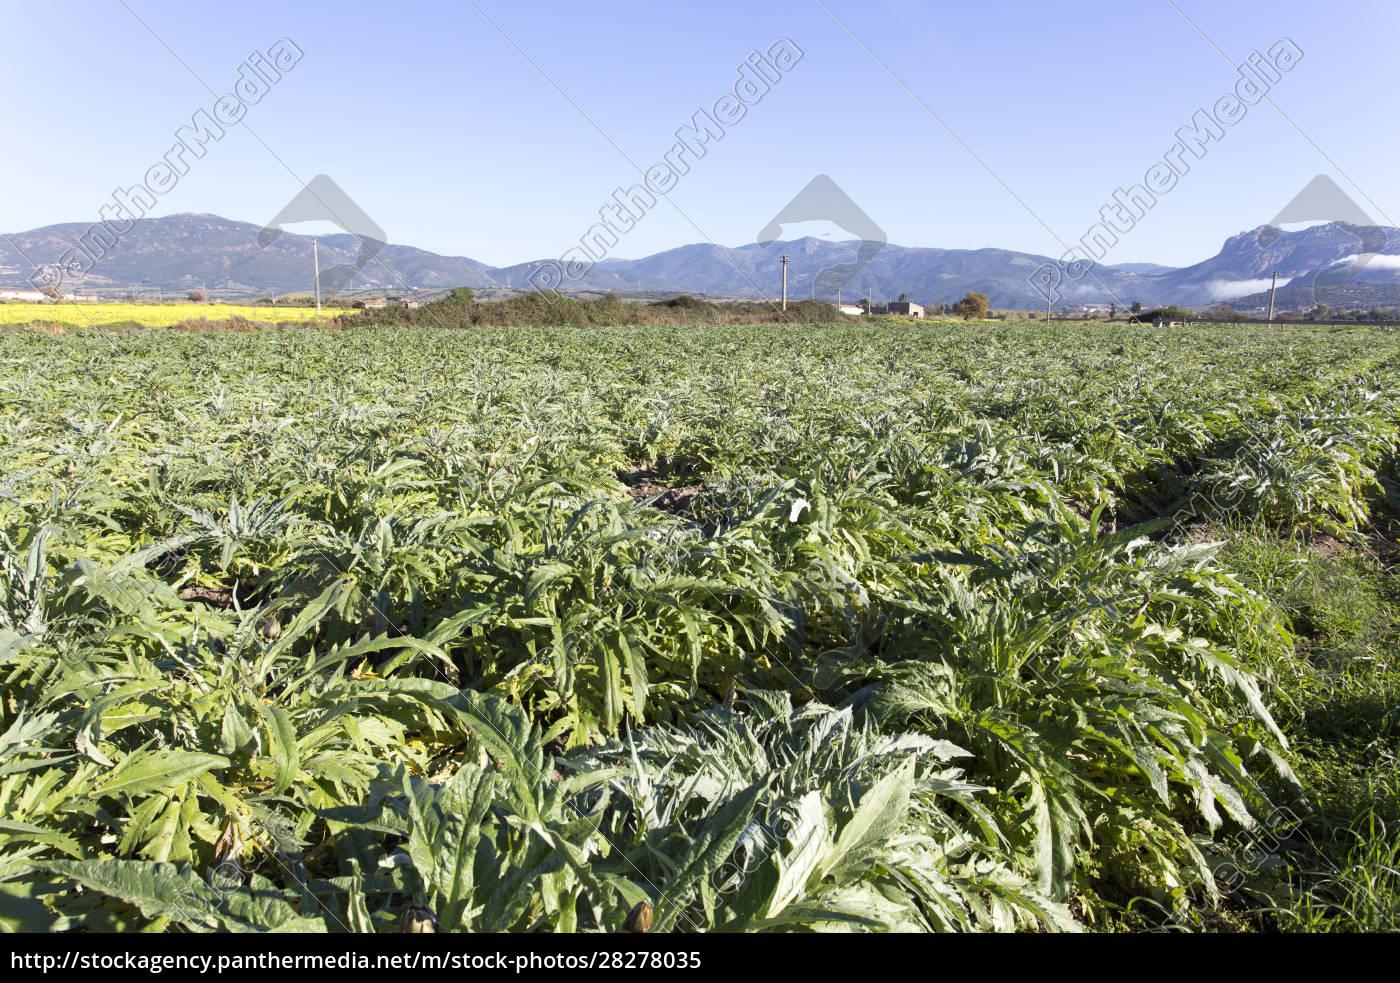 an, artichokes, field, during, winter - 28278035